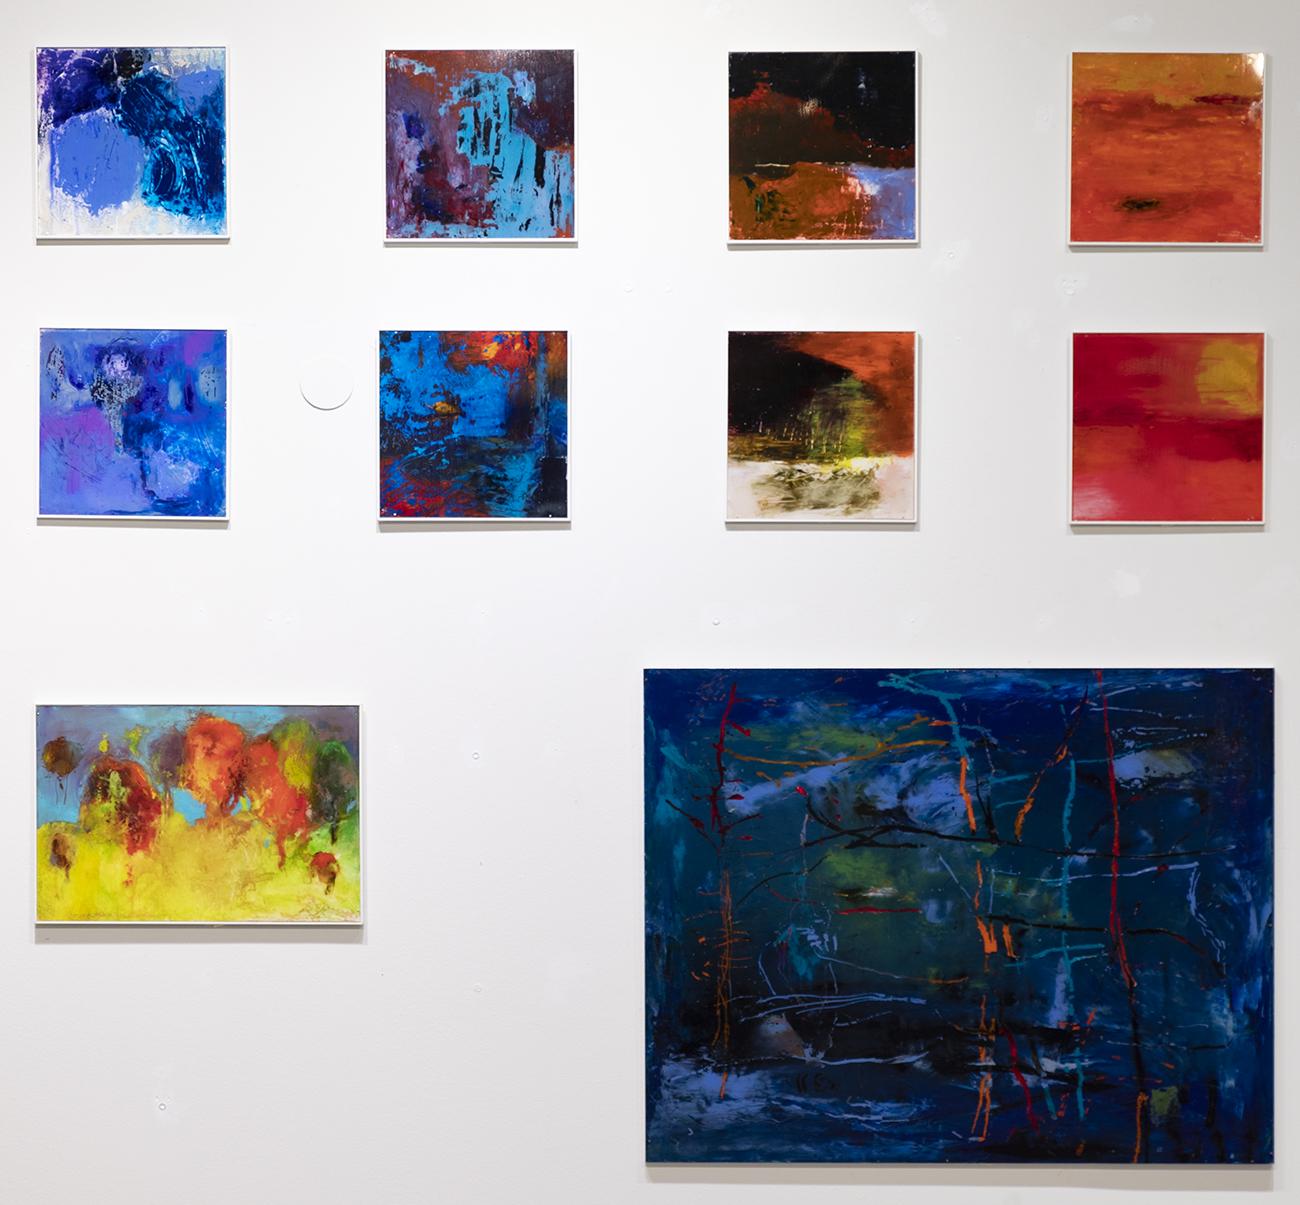 Huhtikuun kuukauden taiteilija: Eeva Tervala